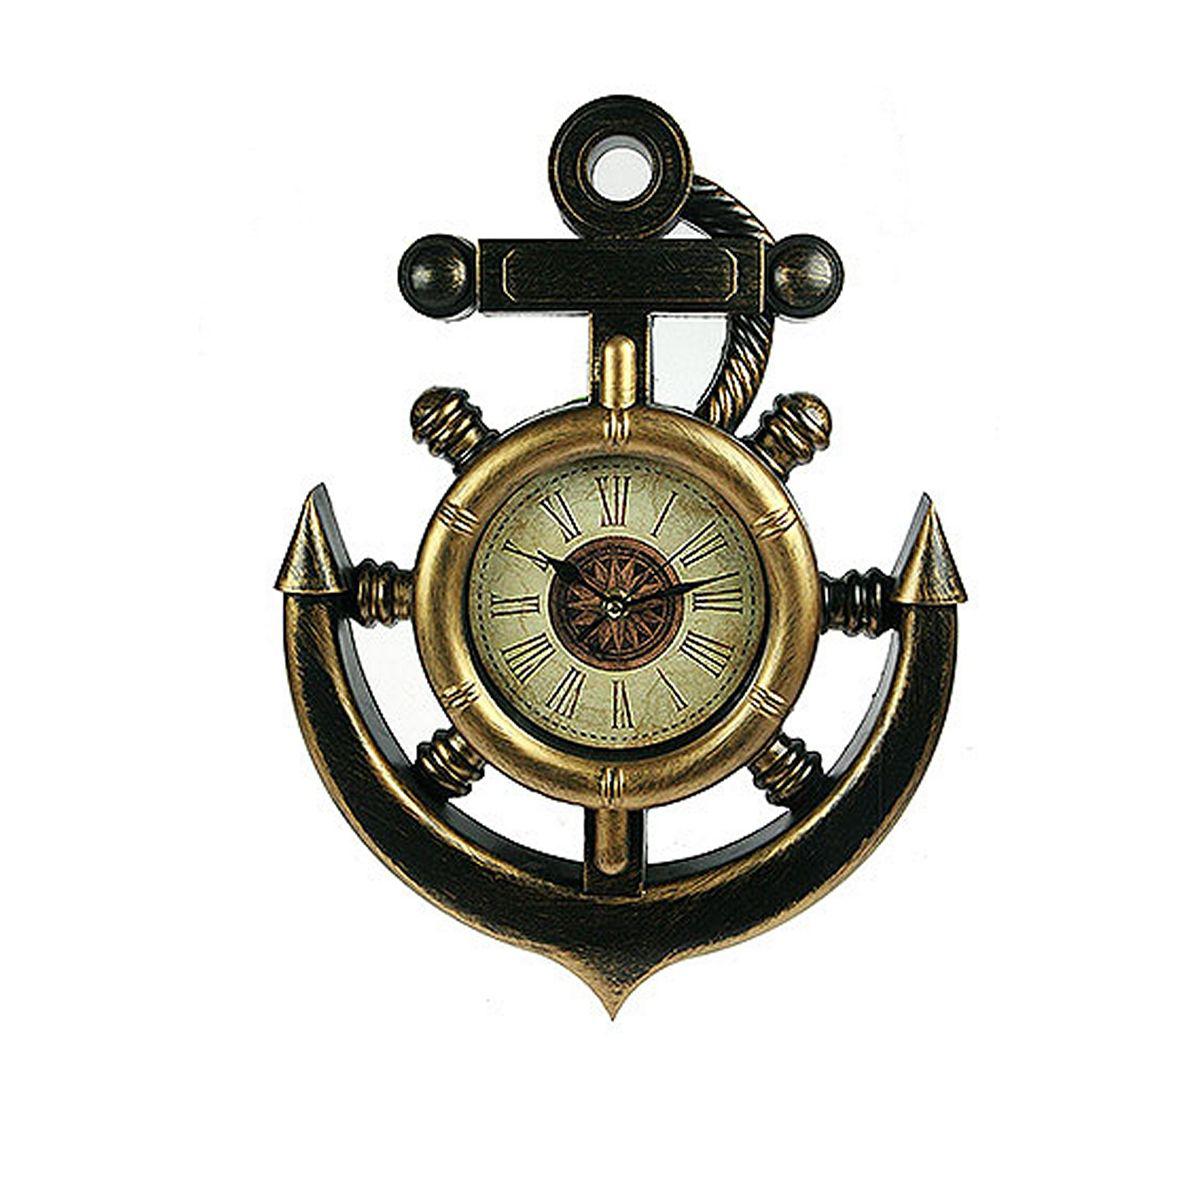 Часы настенные Русские Подарки Якорь, 28 х 39 см. 22243554 009303Настенные кварцевые часы Русские Подарки Якорь изготовлены из пластика. Корпус оригинально оформлен в виде якоря. Циферблат защищен стеклом. Часы имеют три стрелки - часовую, минутную и секундную. С обратной стороны имеетсяпетелька для подвешивания на стену. Такие часы красиво и необычно оформят интерьер дома или офиса. Также часы могут стать уникальным, полезным подарком для родственников, коллег, знакомых и близких.Часы работают от батареек типа АА (в комплект не входят).